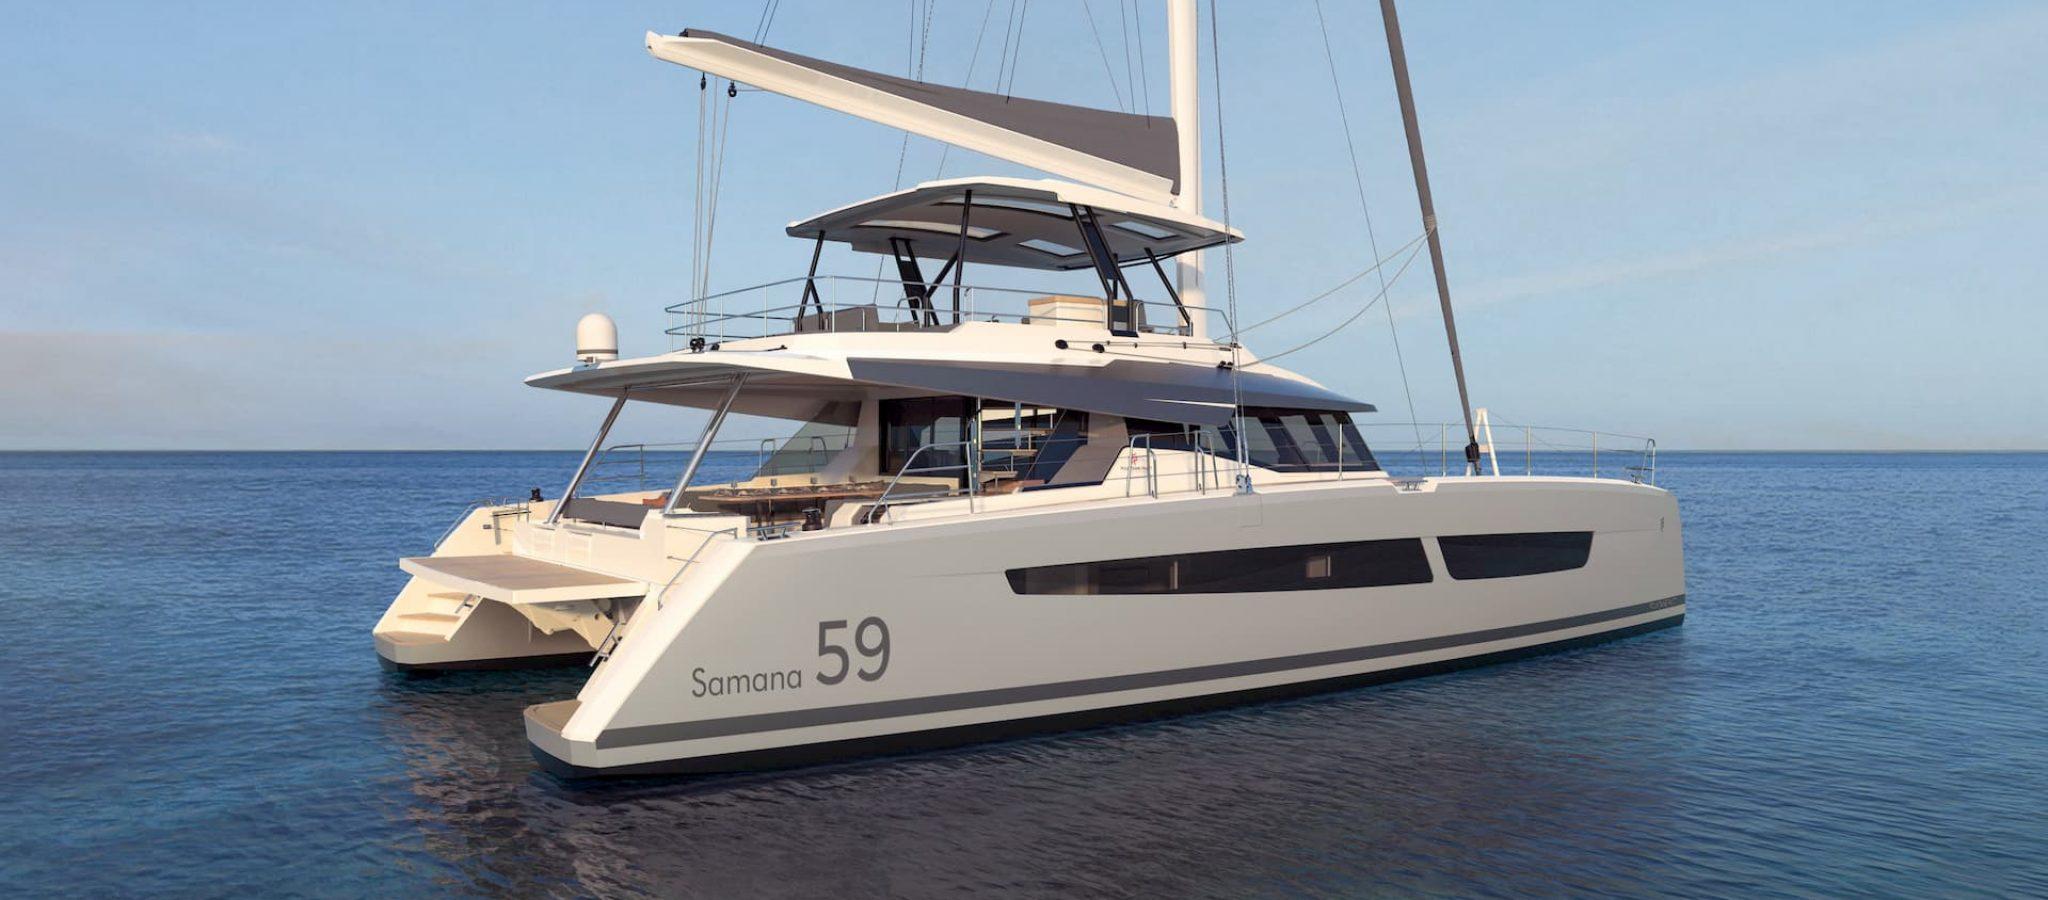 Samana-59-Fountaine-Pajot-Sailing-Catamarans-Exteriors-01--2-